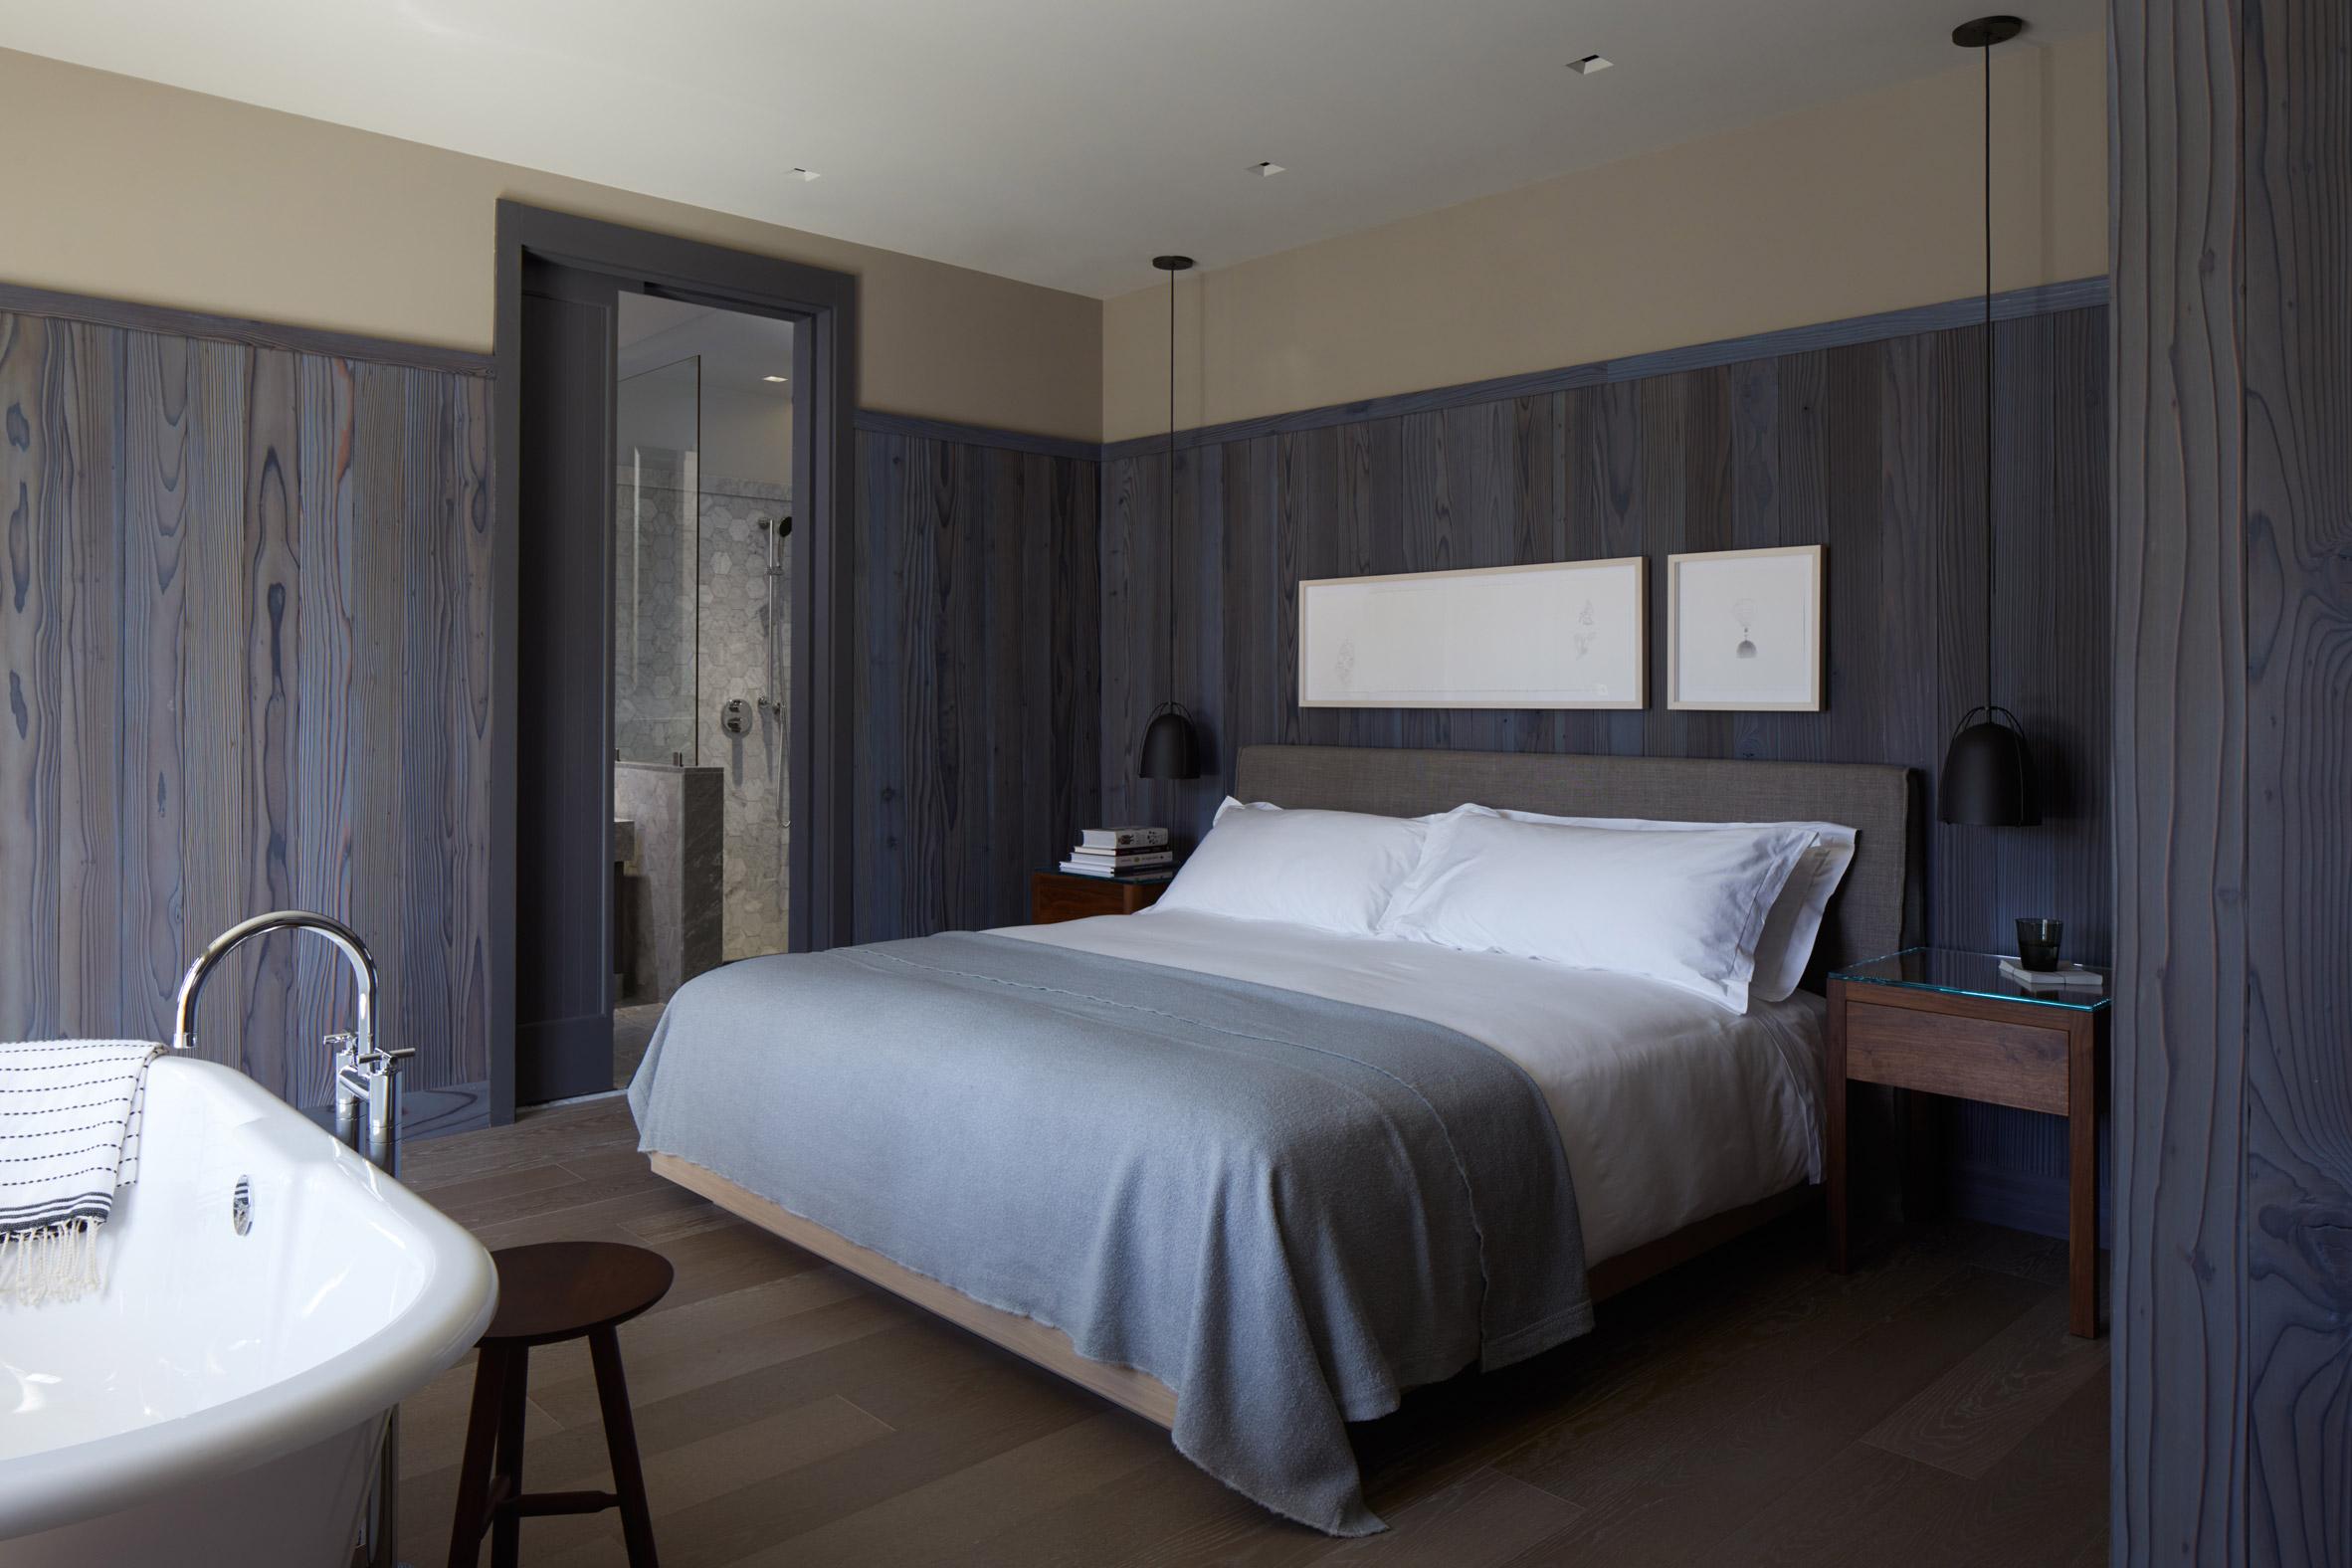 Las Alcobas hotel in Napa Valley by Yabu Pushelberg